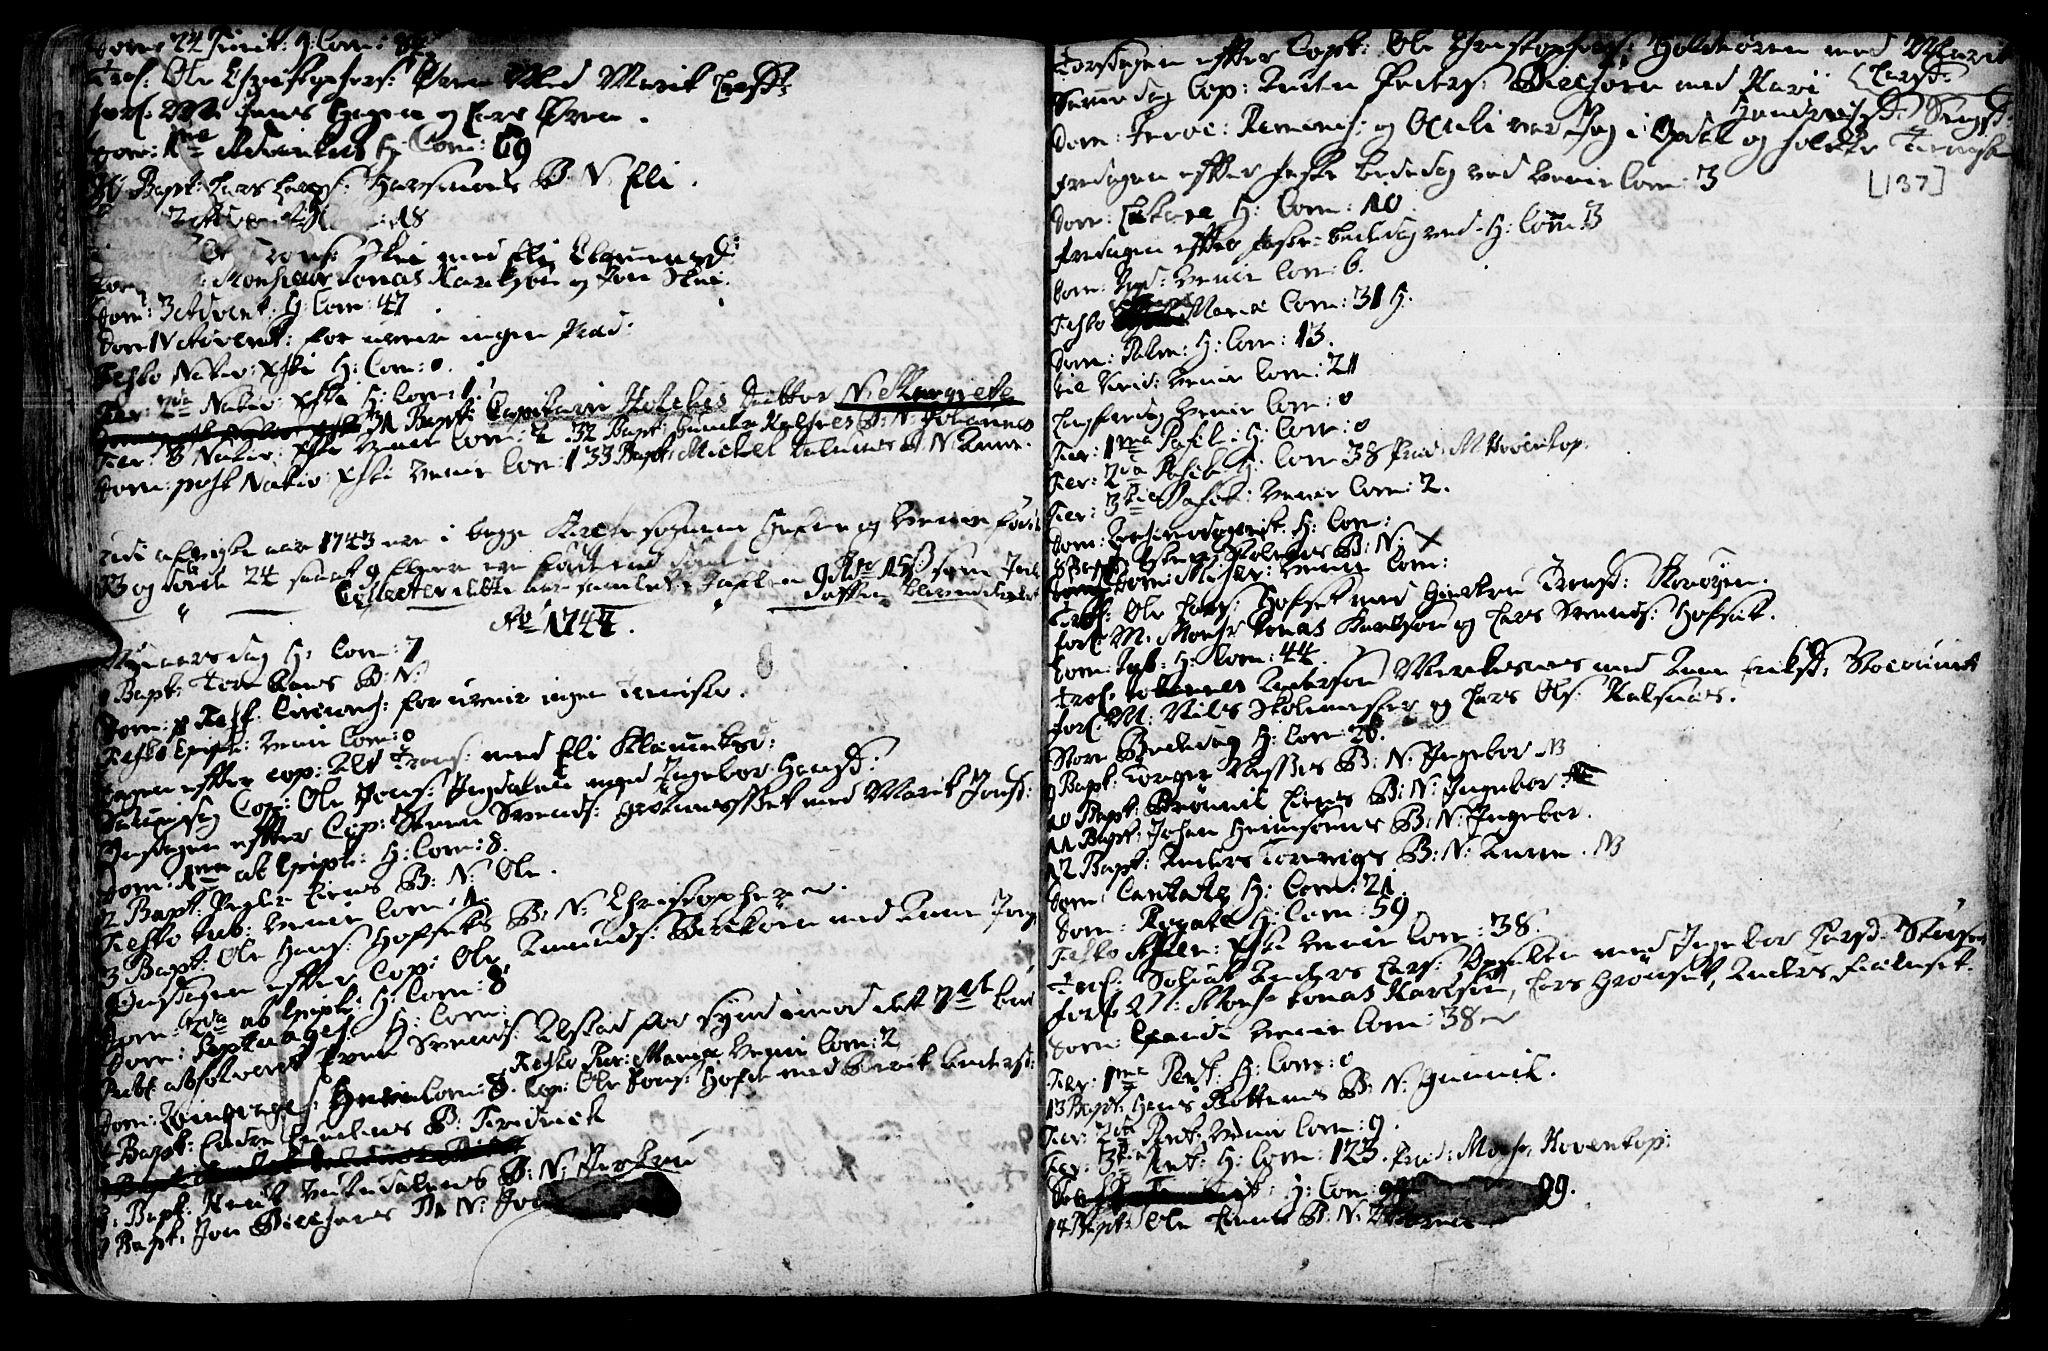 SAT, Ministerialprotokoller, klokkerbøker og fødselsregistre - Sør-Trøndelag, 630/L0488: Ministerialbok nr. 630A01, 1717-1756, s. 136-137